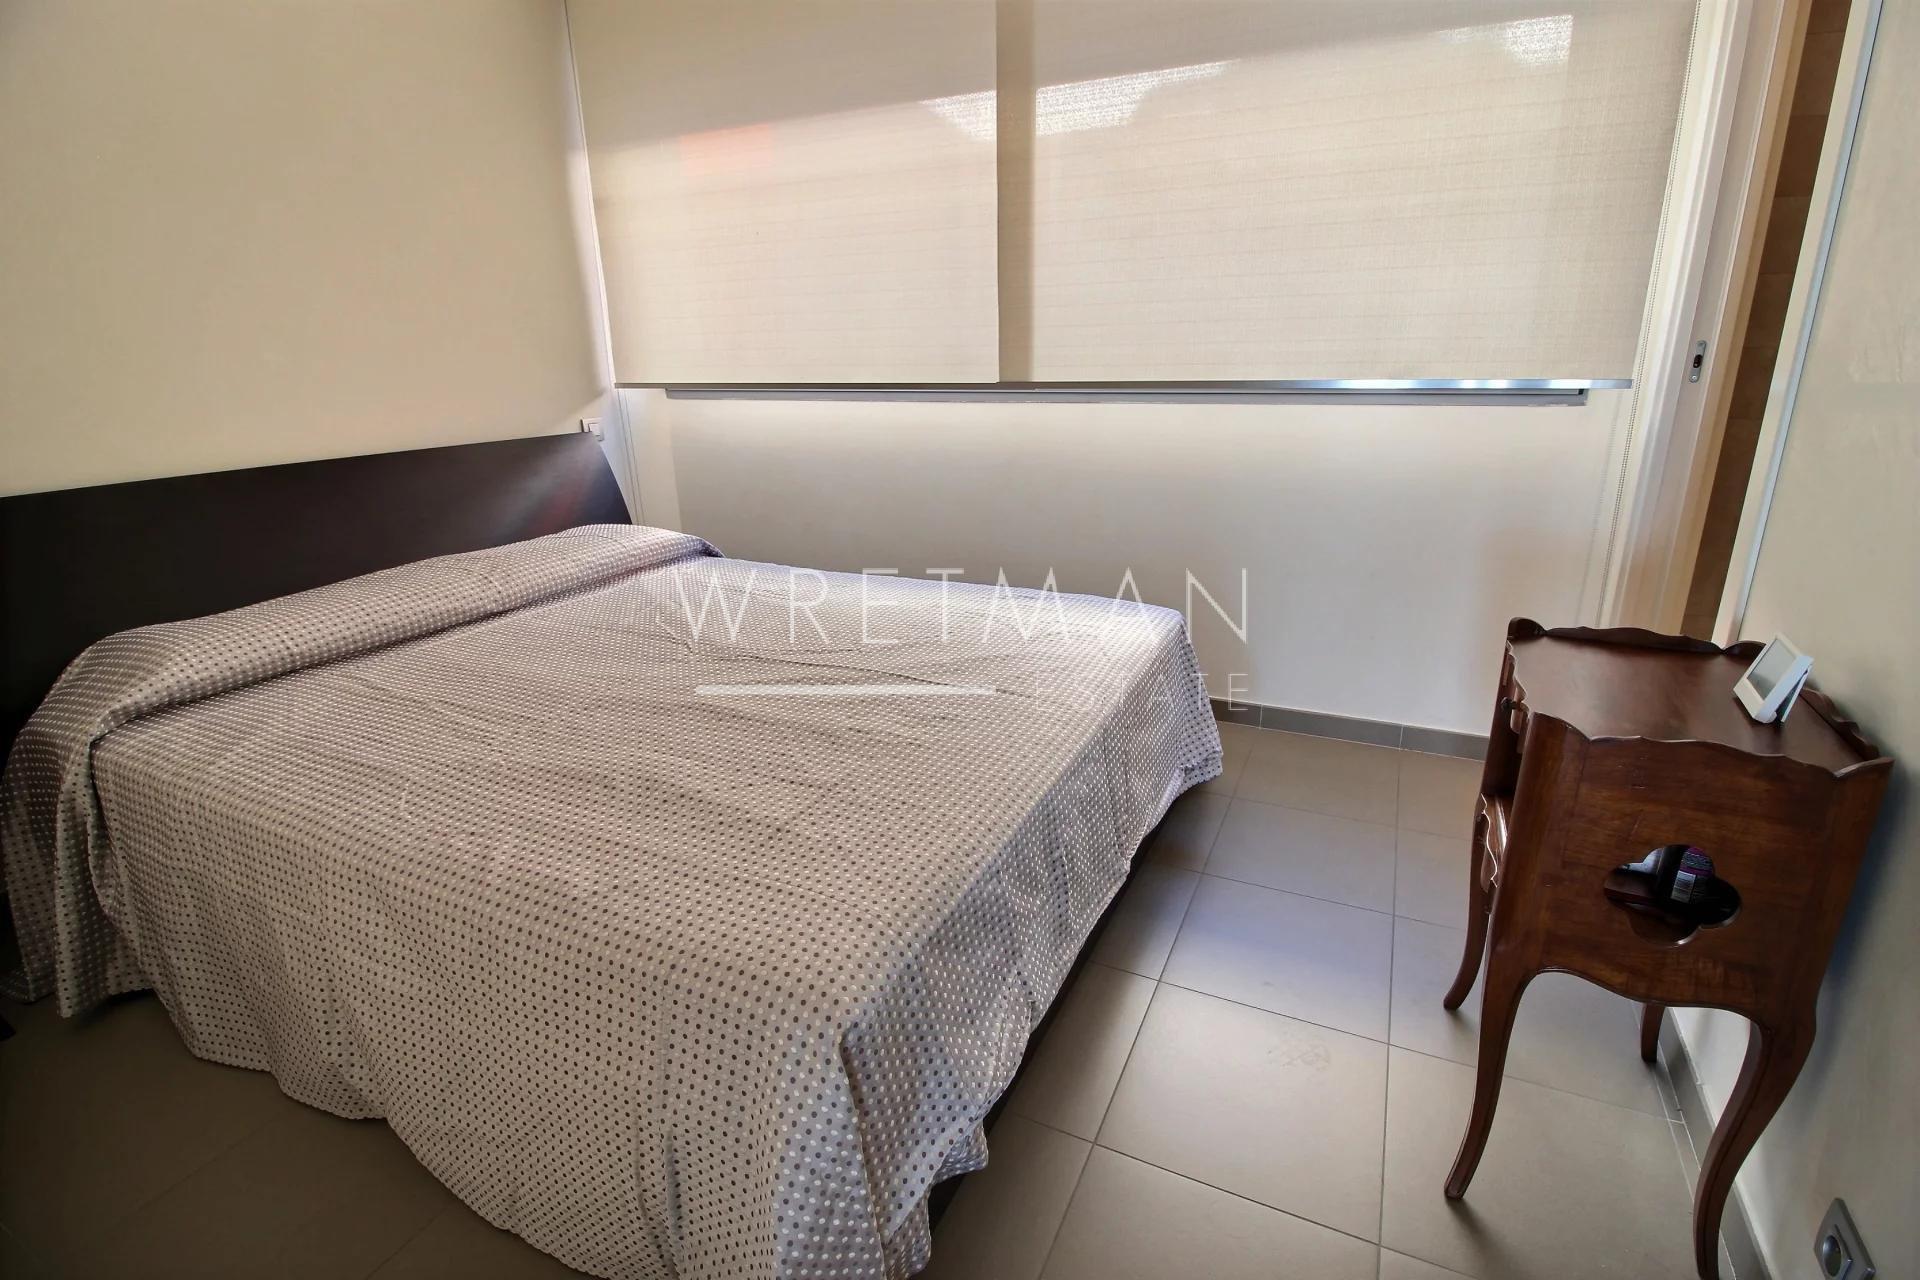 3 - rums lägenhet - Antibes Ilette